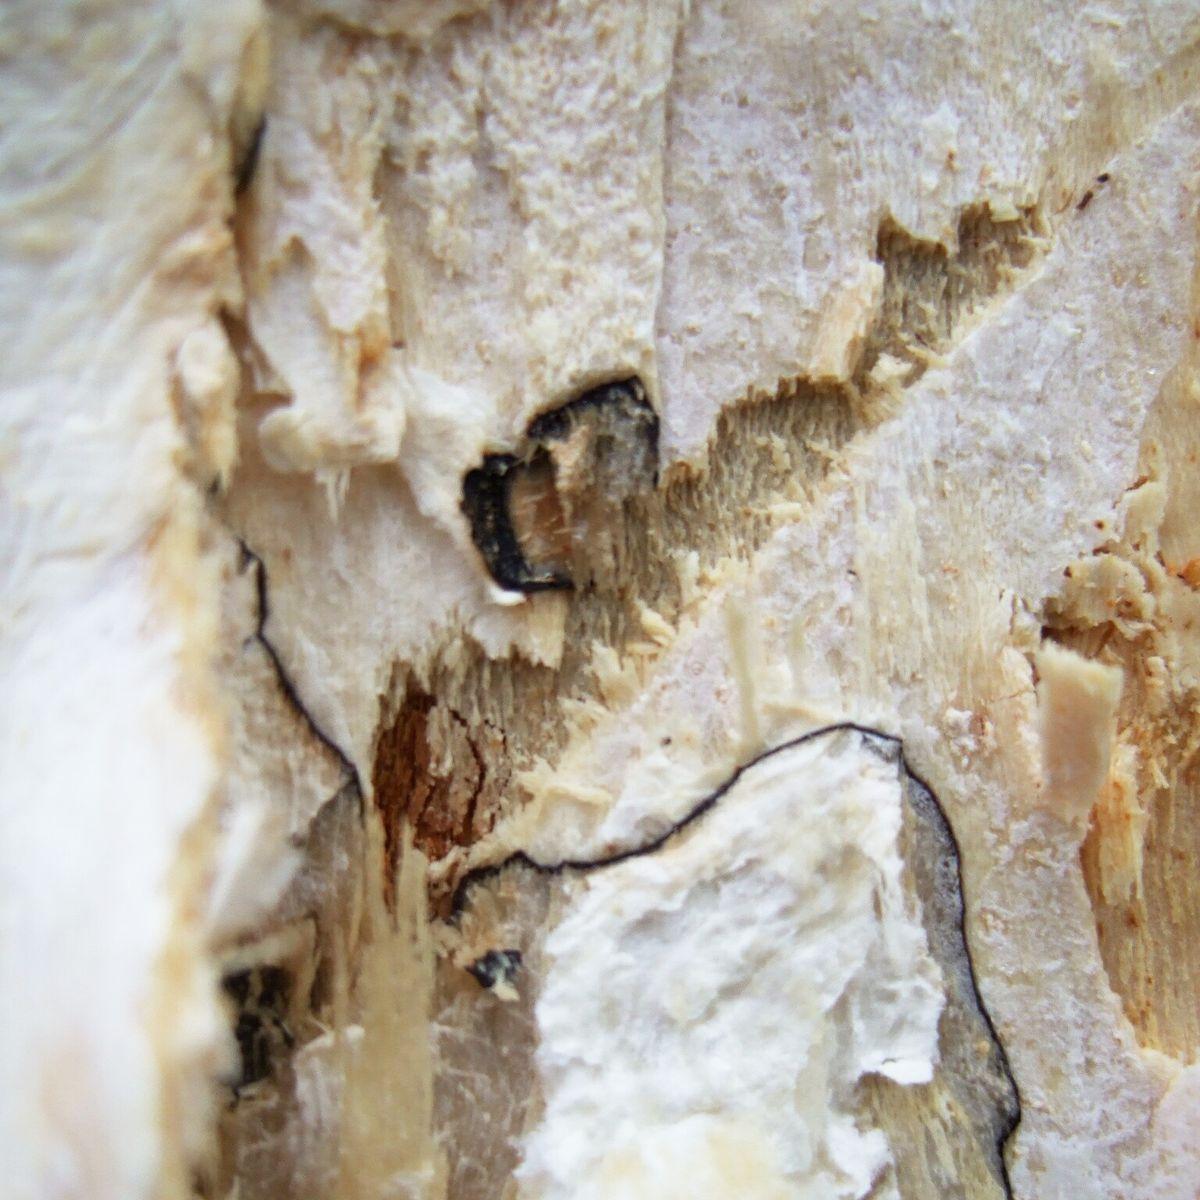 Gefährlicher Baumpilz: Der Hallimasch